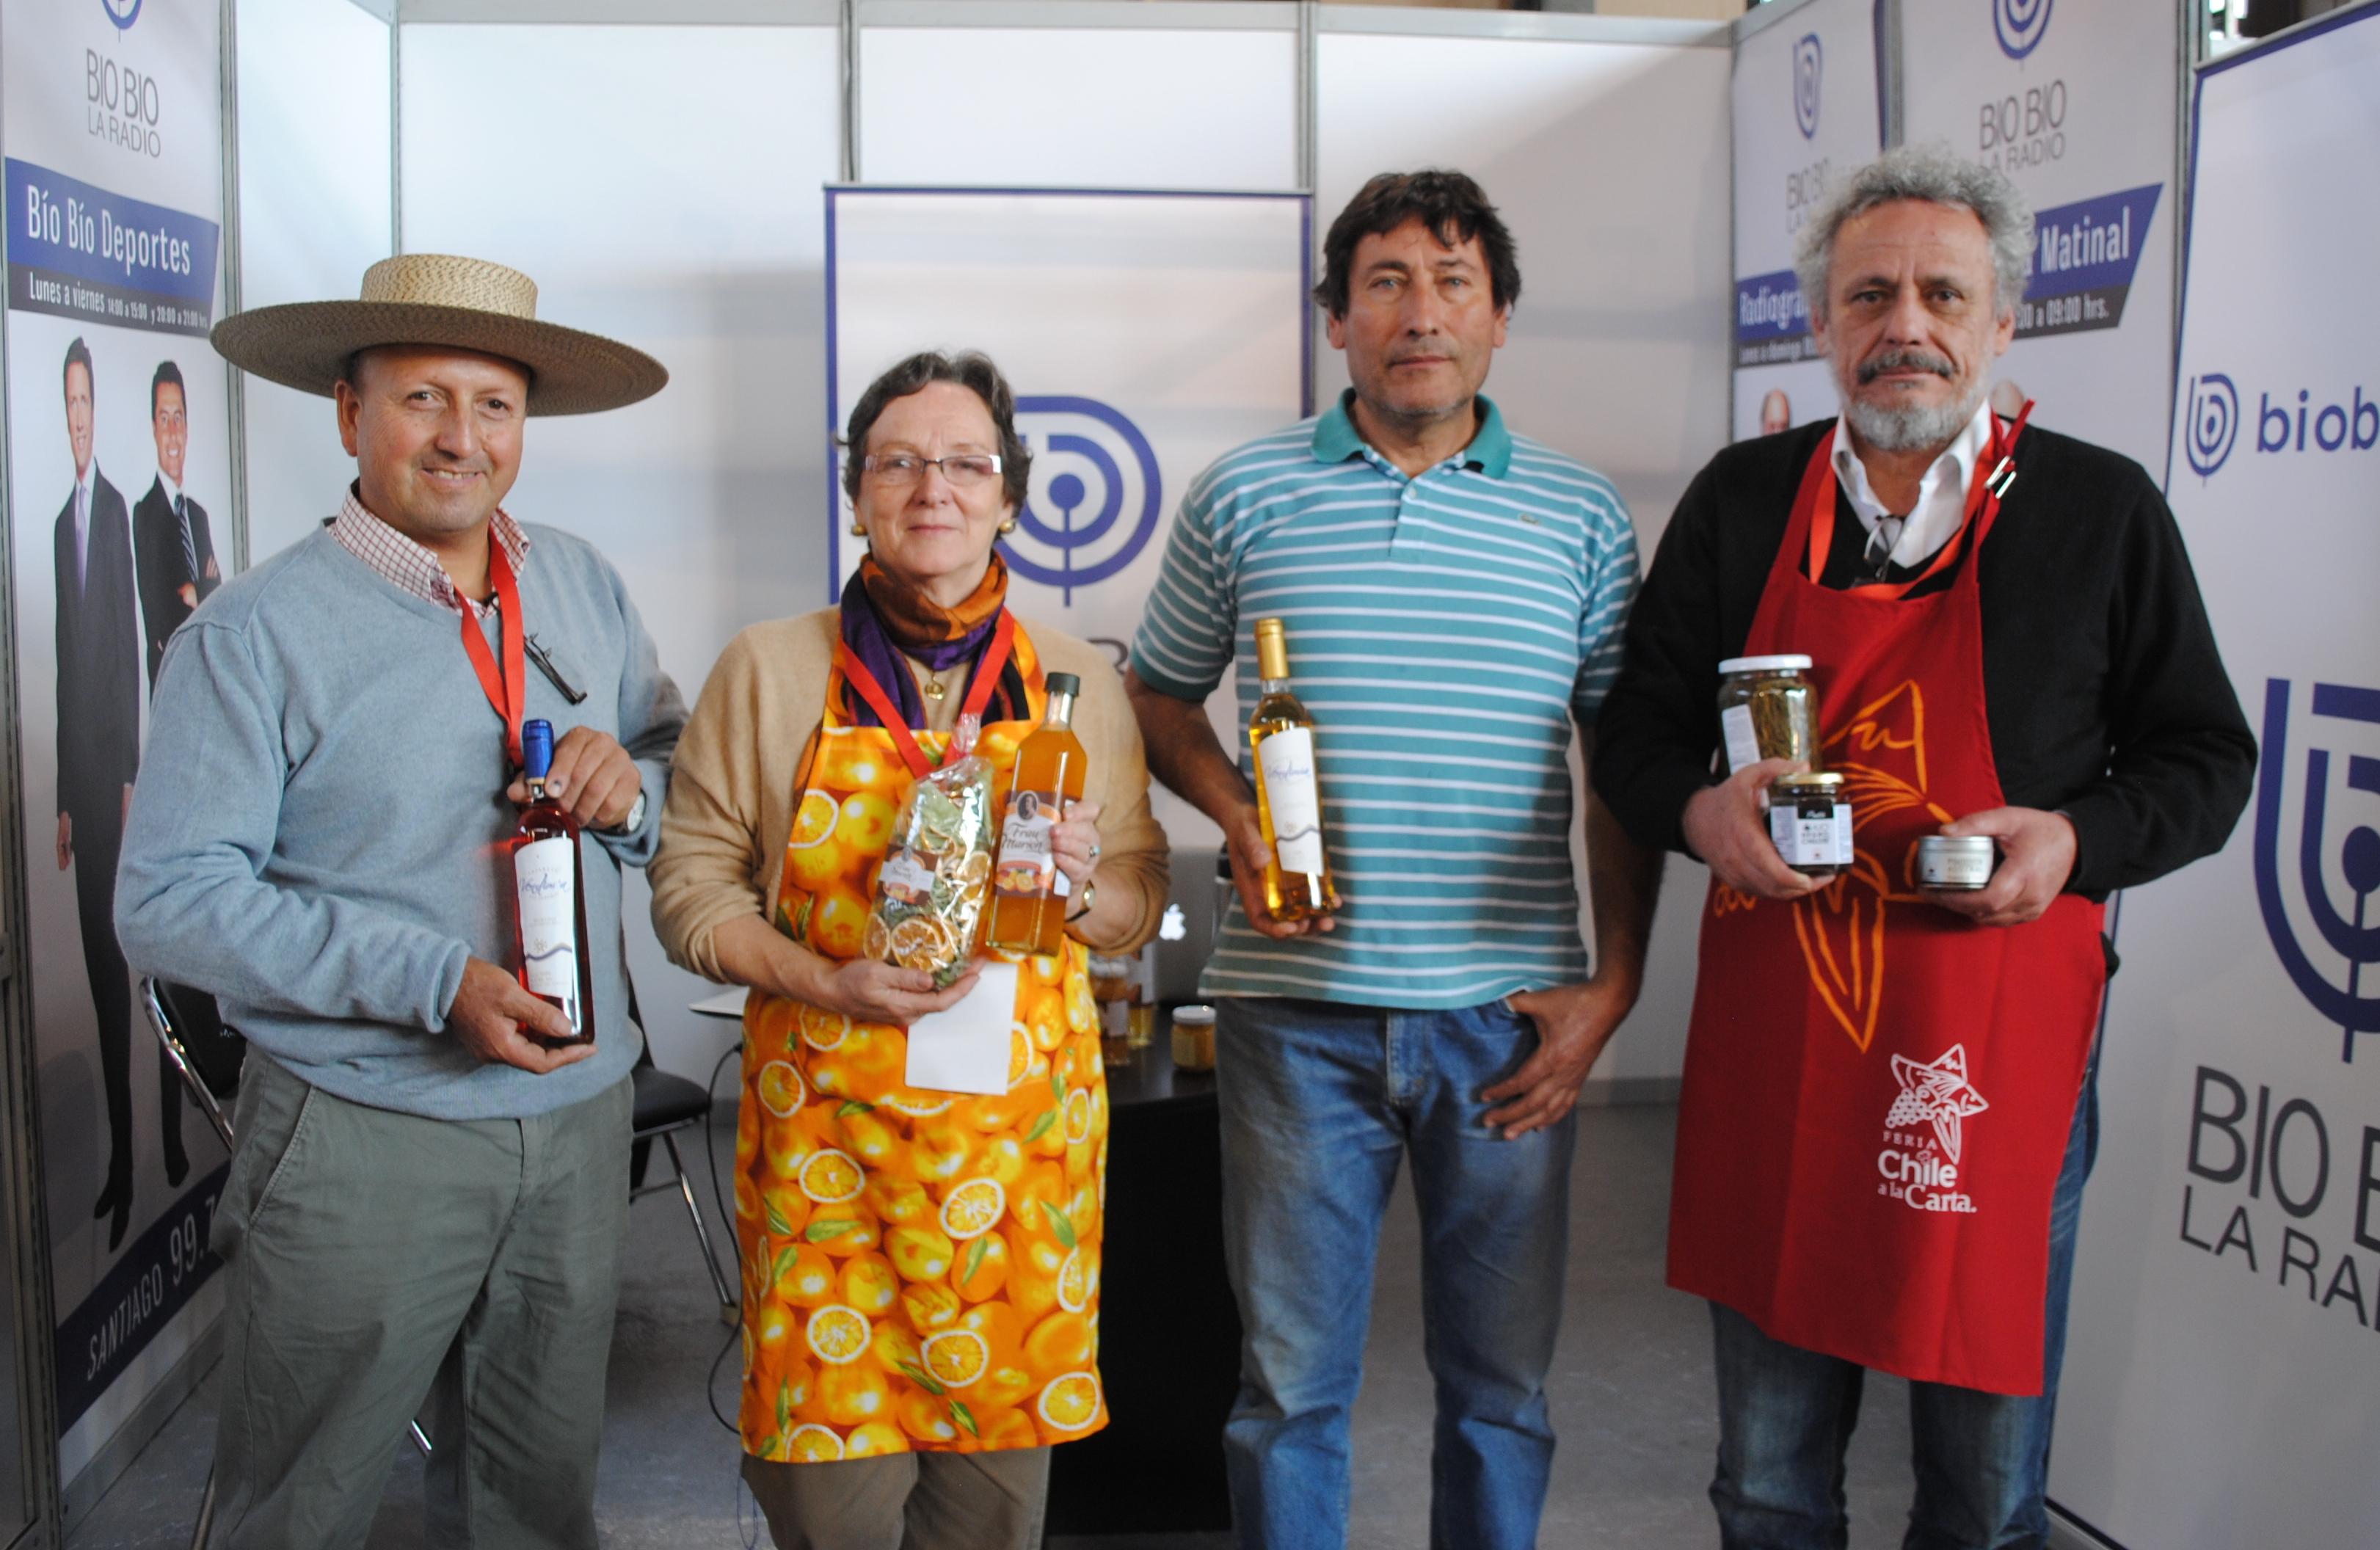 Expositores seleccionados por INDAP en Feria Chile a la Carta. Foto: biobiochile.cl